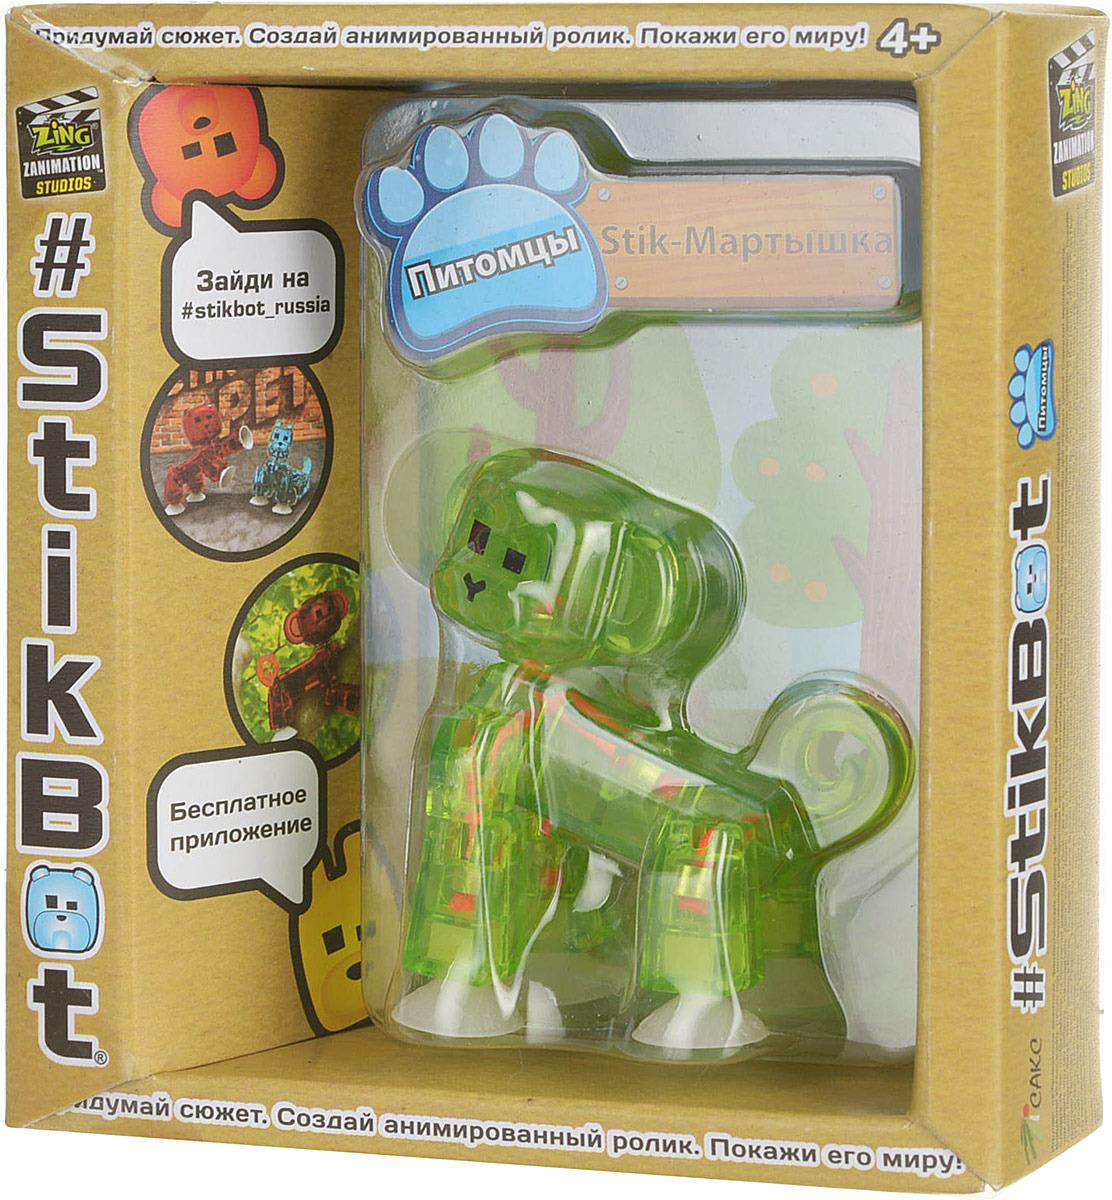 Stikbot Фигурка Питомцы Мартышка цвет зеленый stikbot фигурка питомцы бульдог красный